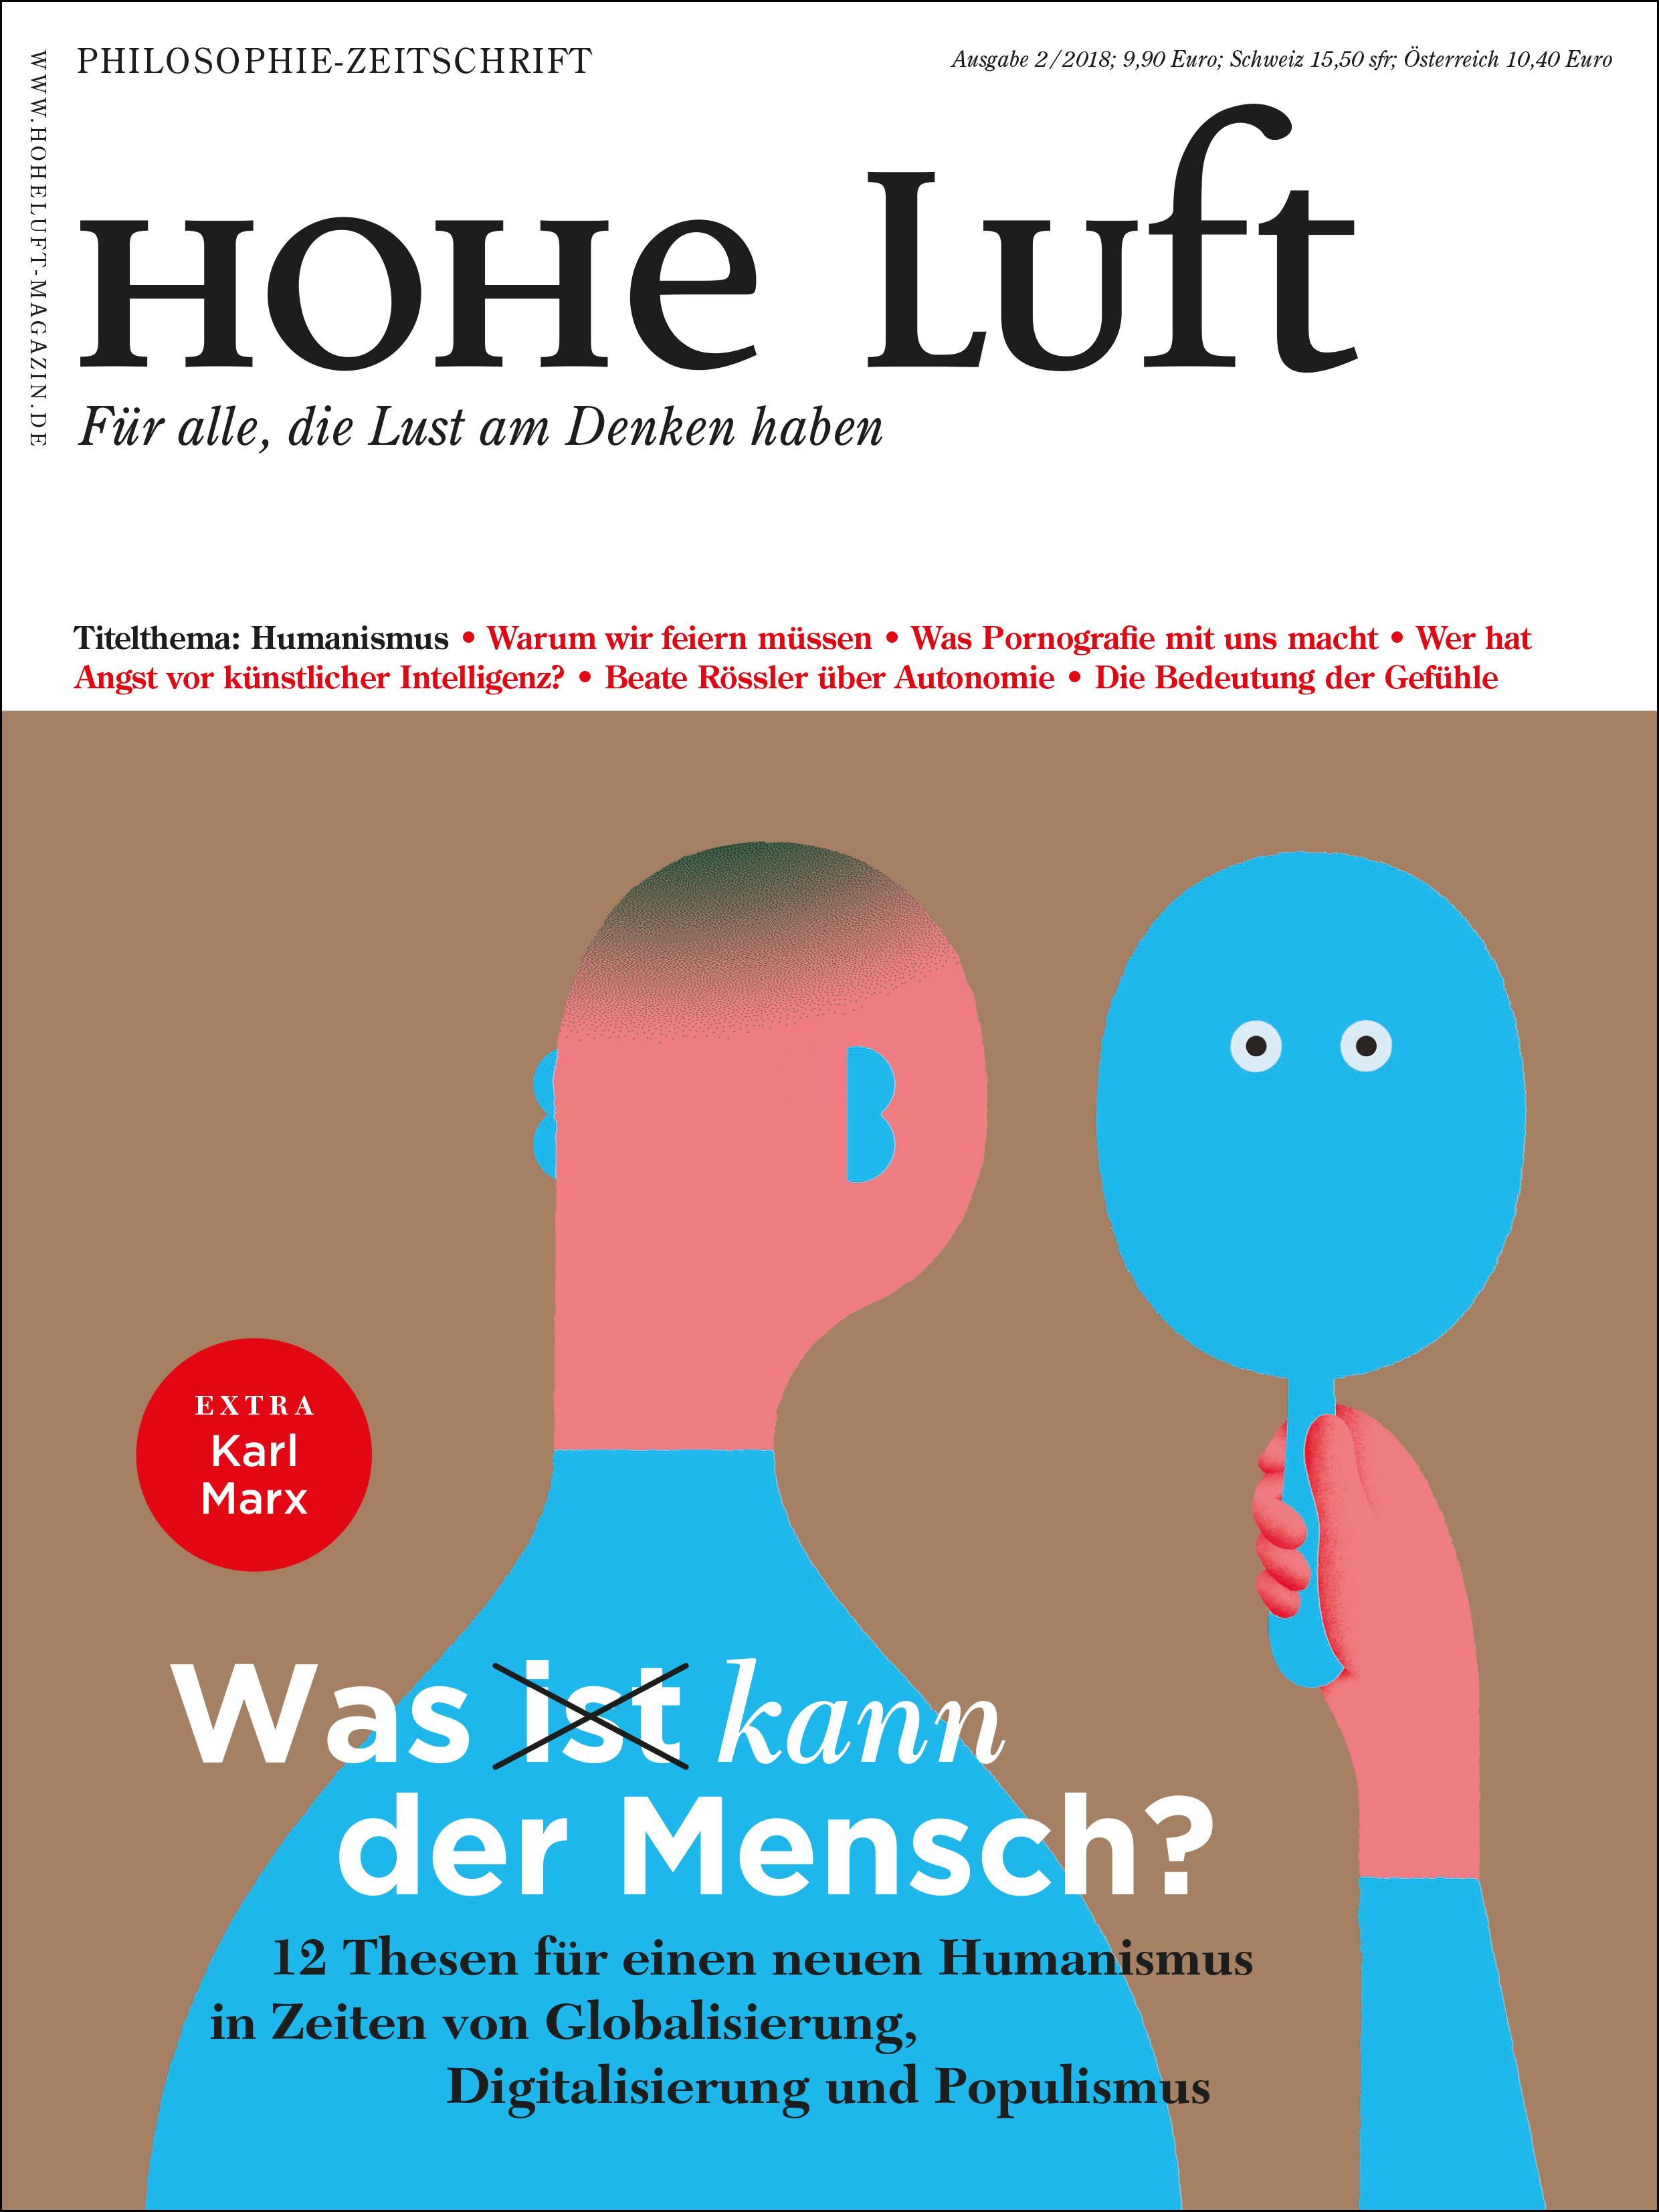 HOHE LUFT » Was kann der Mensch? Ausgabe 2/2018